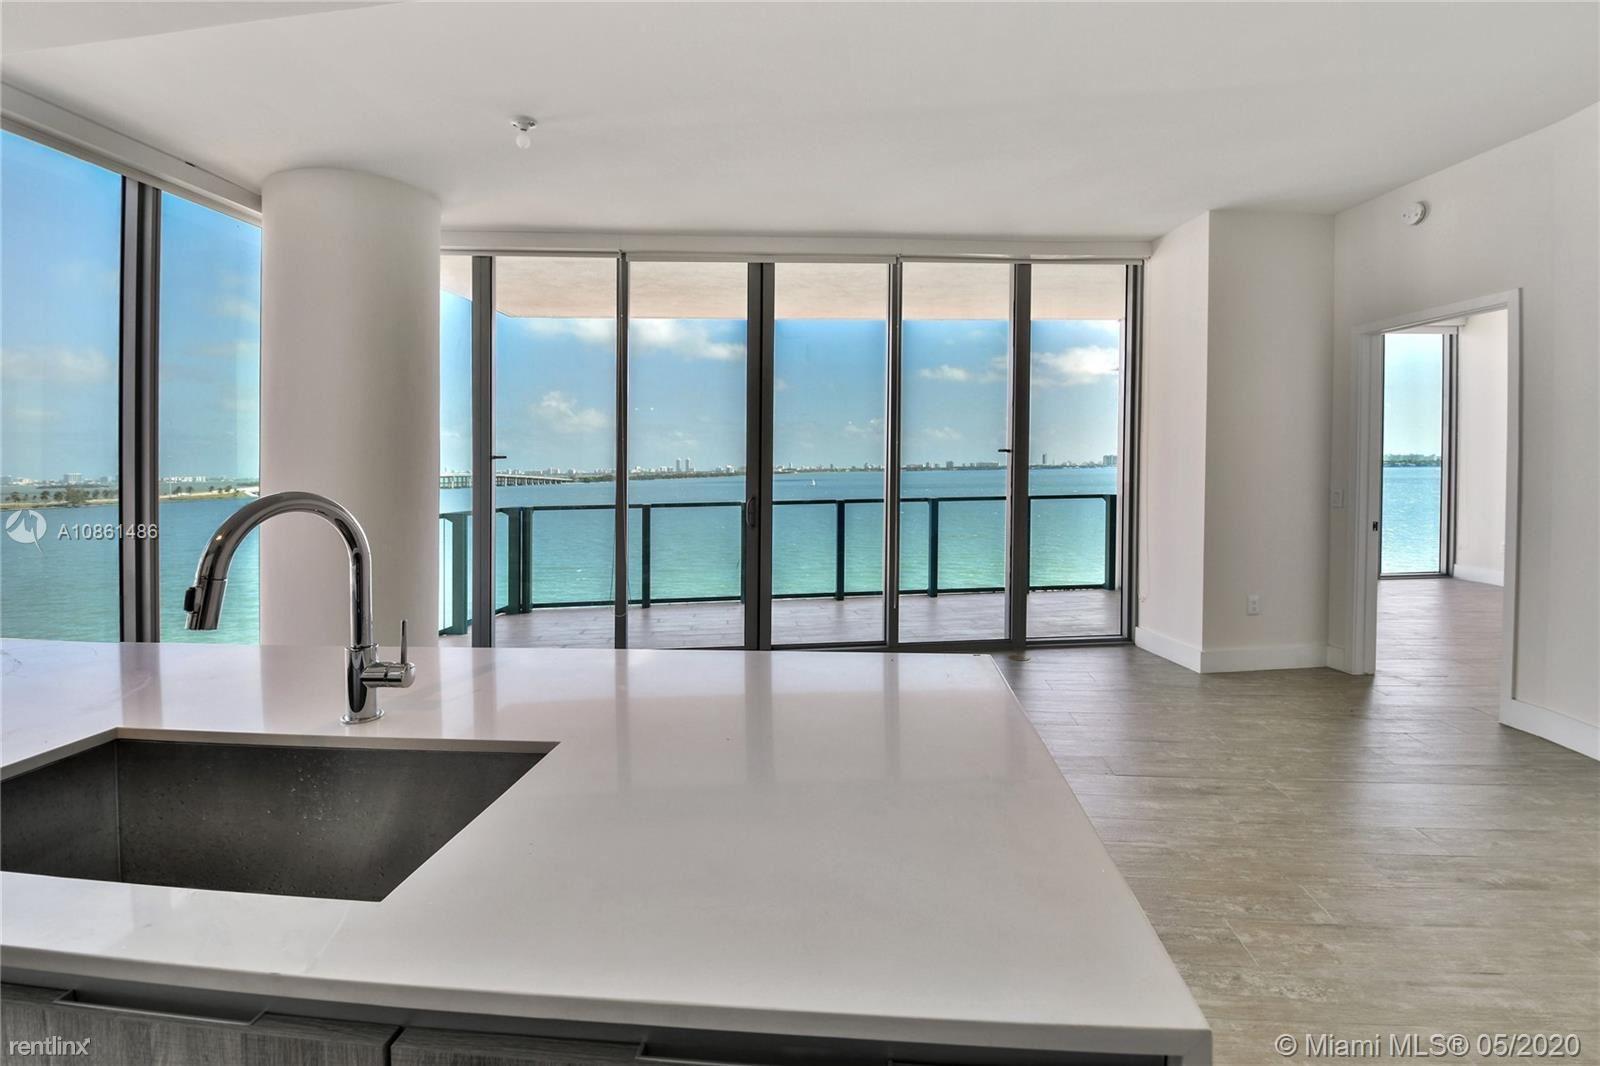 2900 NE 7th Ave Unit 807, Miami, FL - $5,000